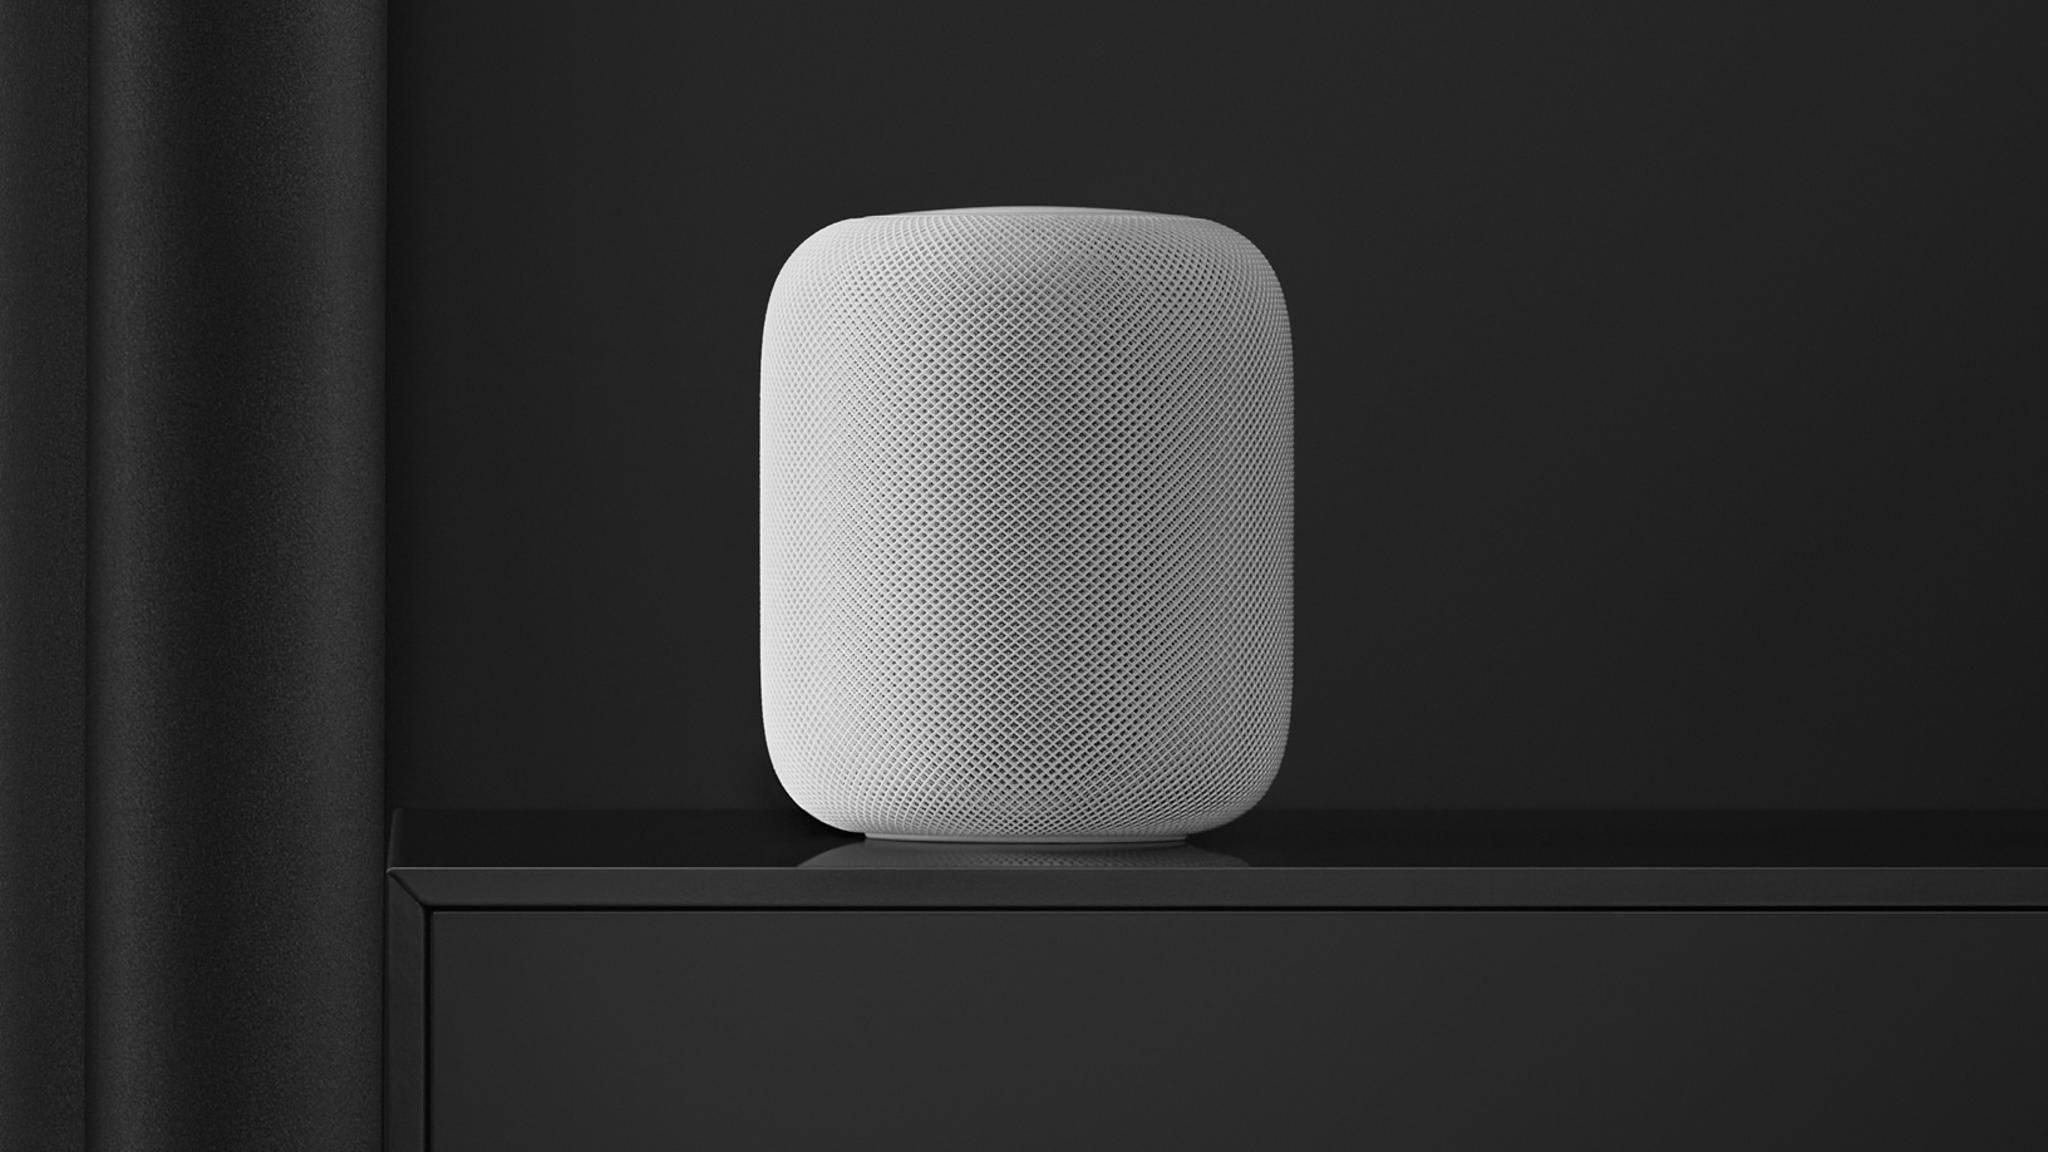 Apple soll bald einen günstigen Nachfolger seines Smart Speakers HomePod (Foto) anbieten.